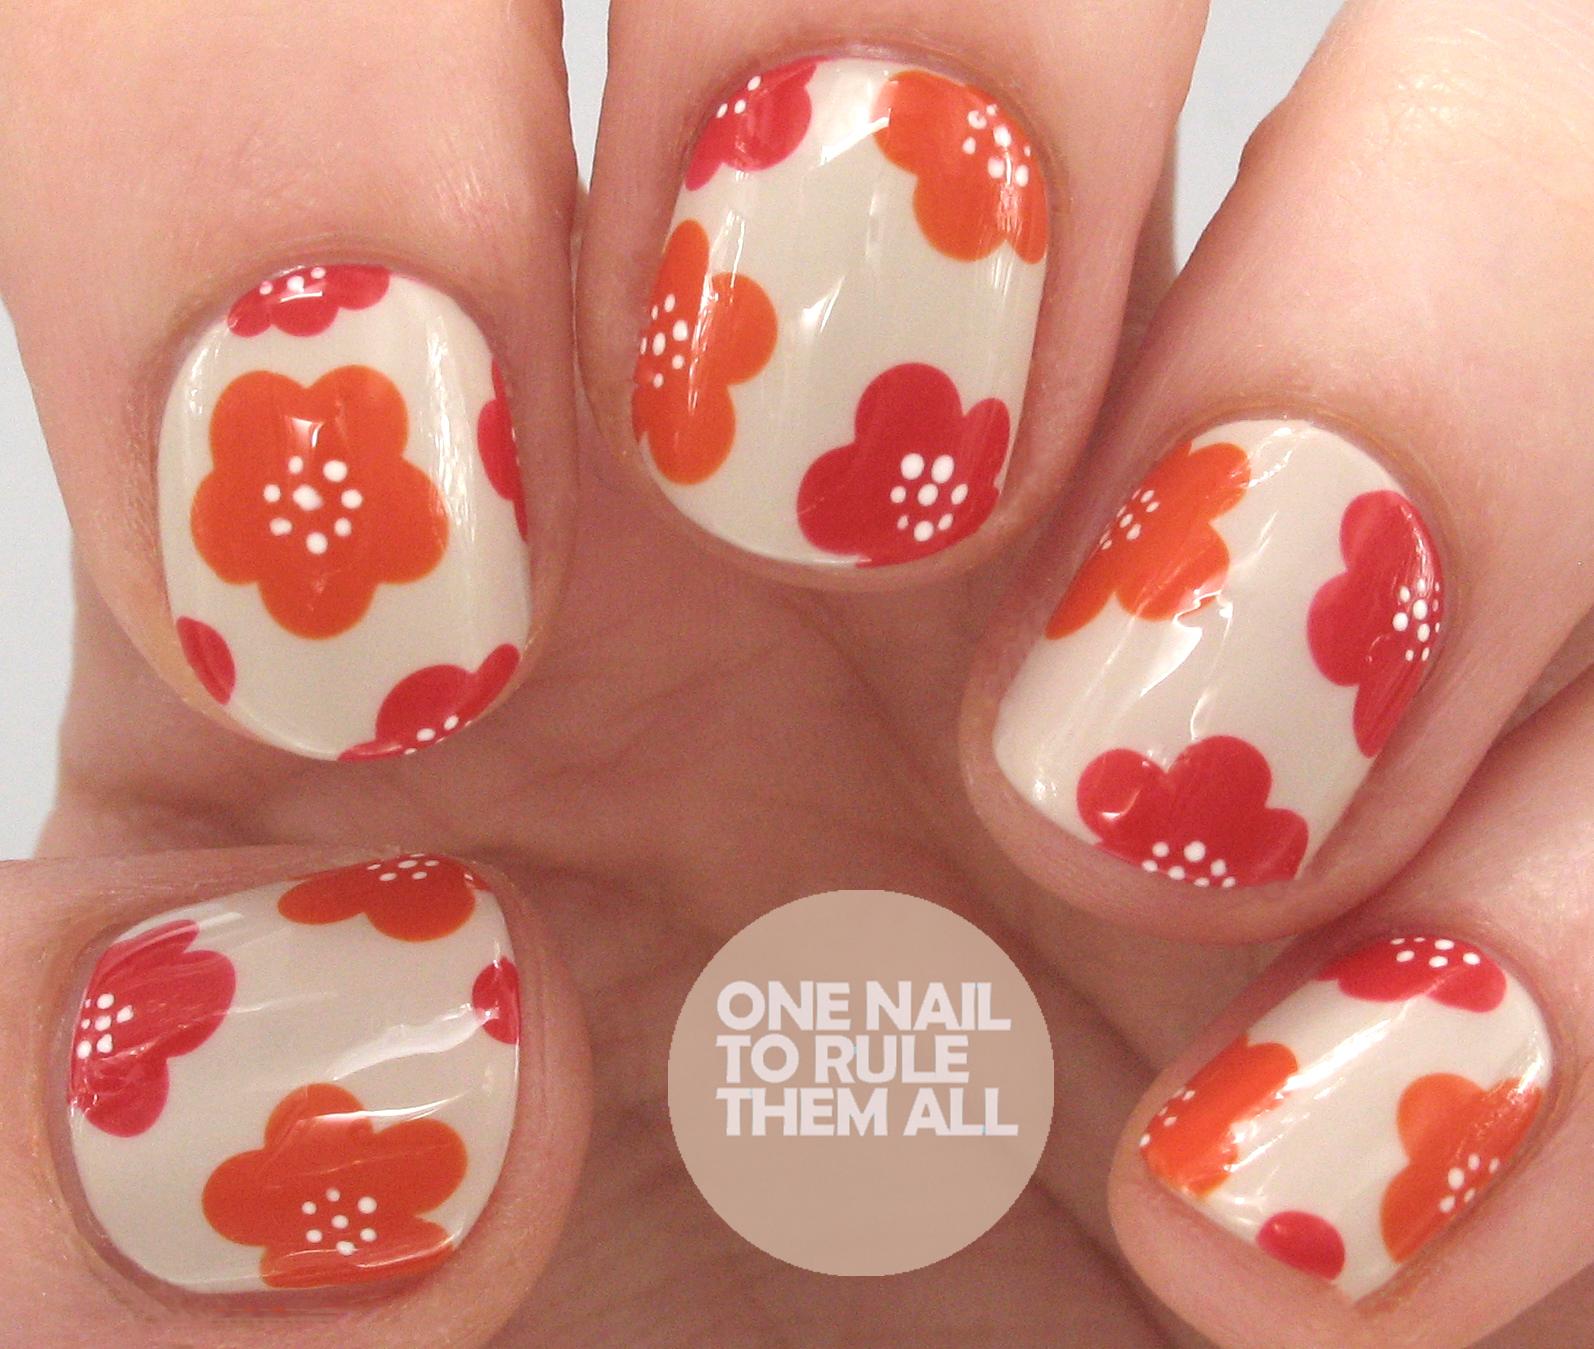 One Nail To Rule Them All: Nailbox - June: Review + Nail Art